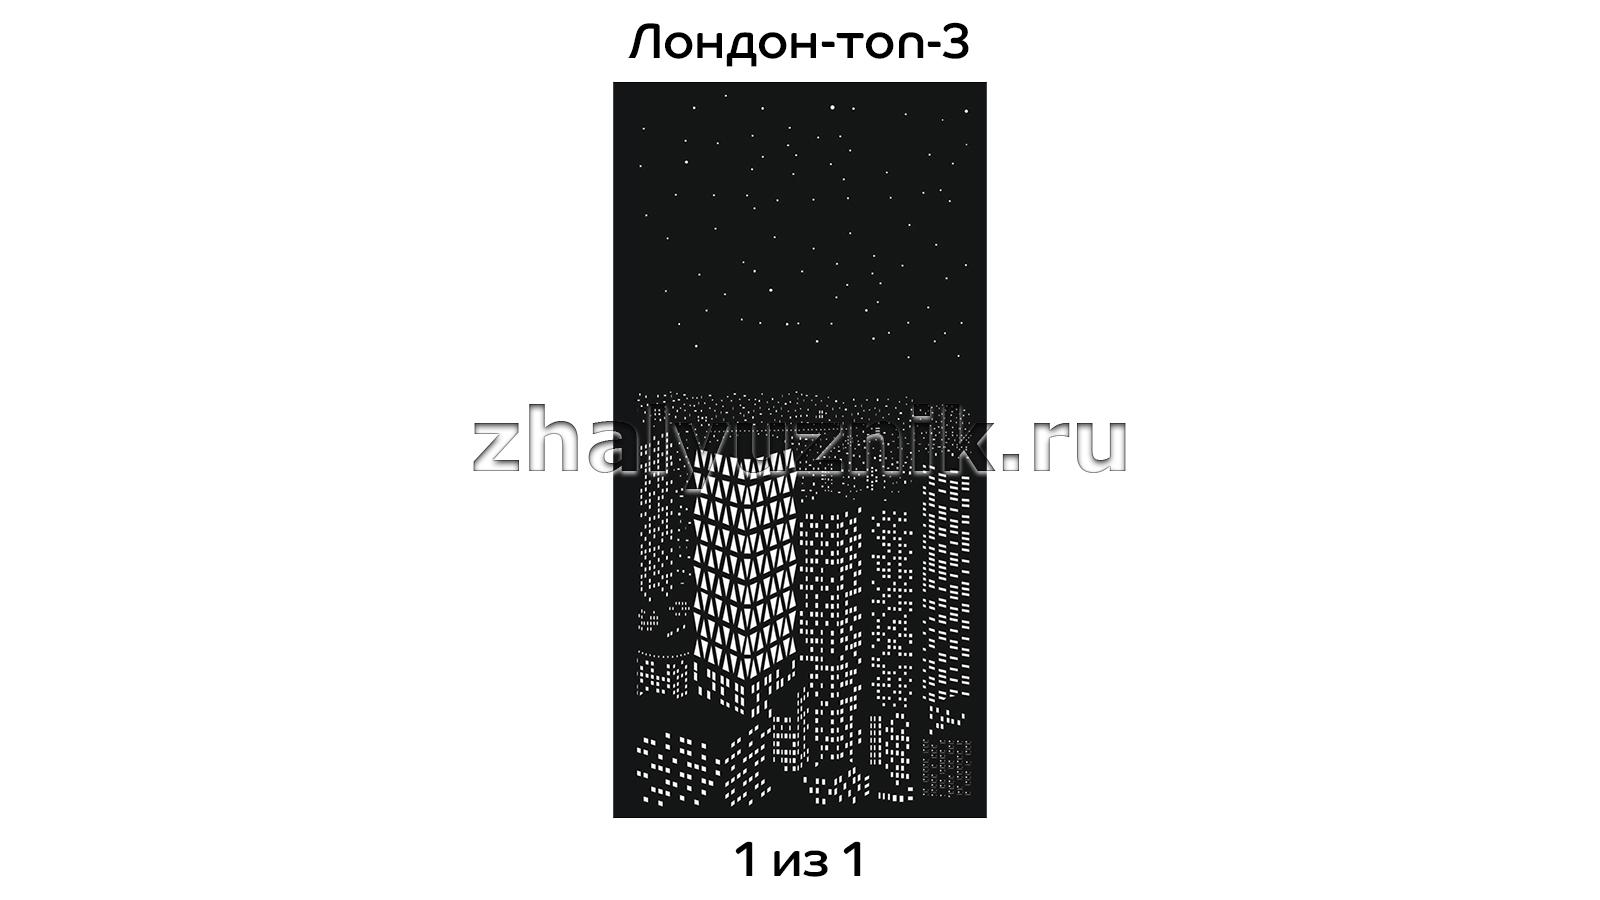 Перфорированная рулонная штора системы D-25 с макетом Лондон-топ-3